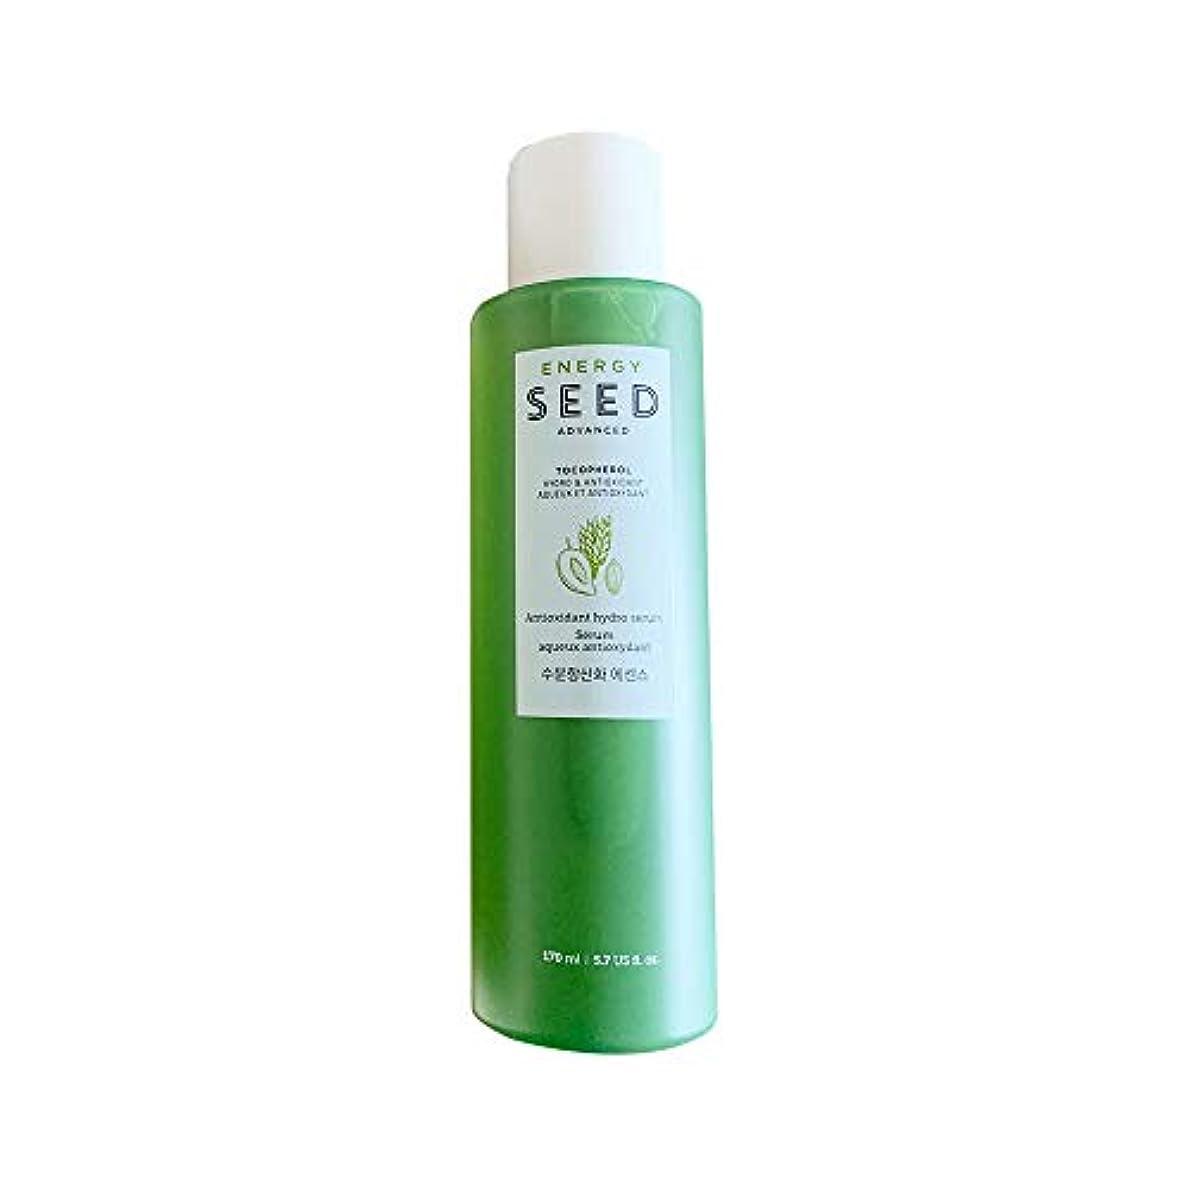 虐待好戦的なその他[ザフェイスショップ]The Face Shop エネルギーシード水分抗-酸化エッセンス170ml Energy Seed An-tioxidant Hydro Essence 170ml [海外直送品]